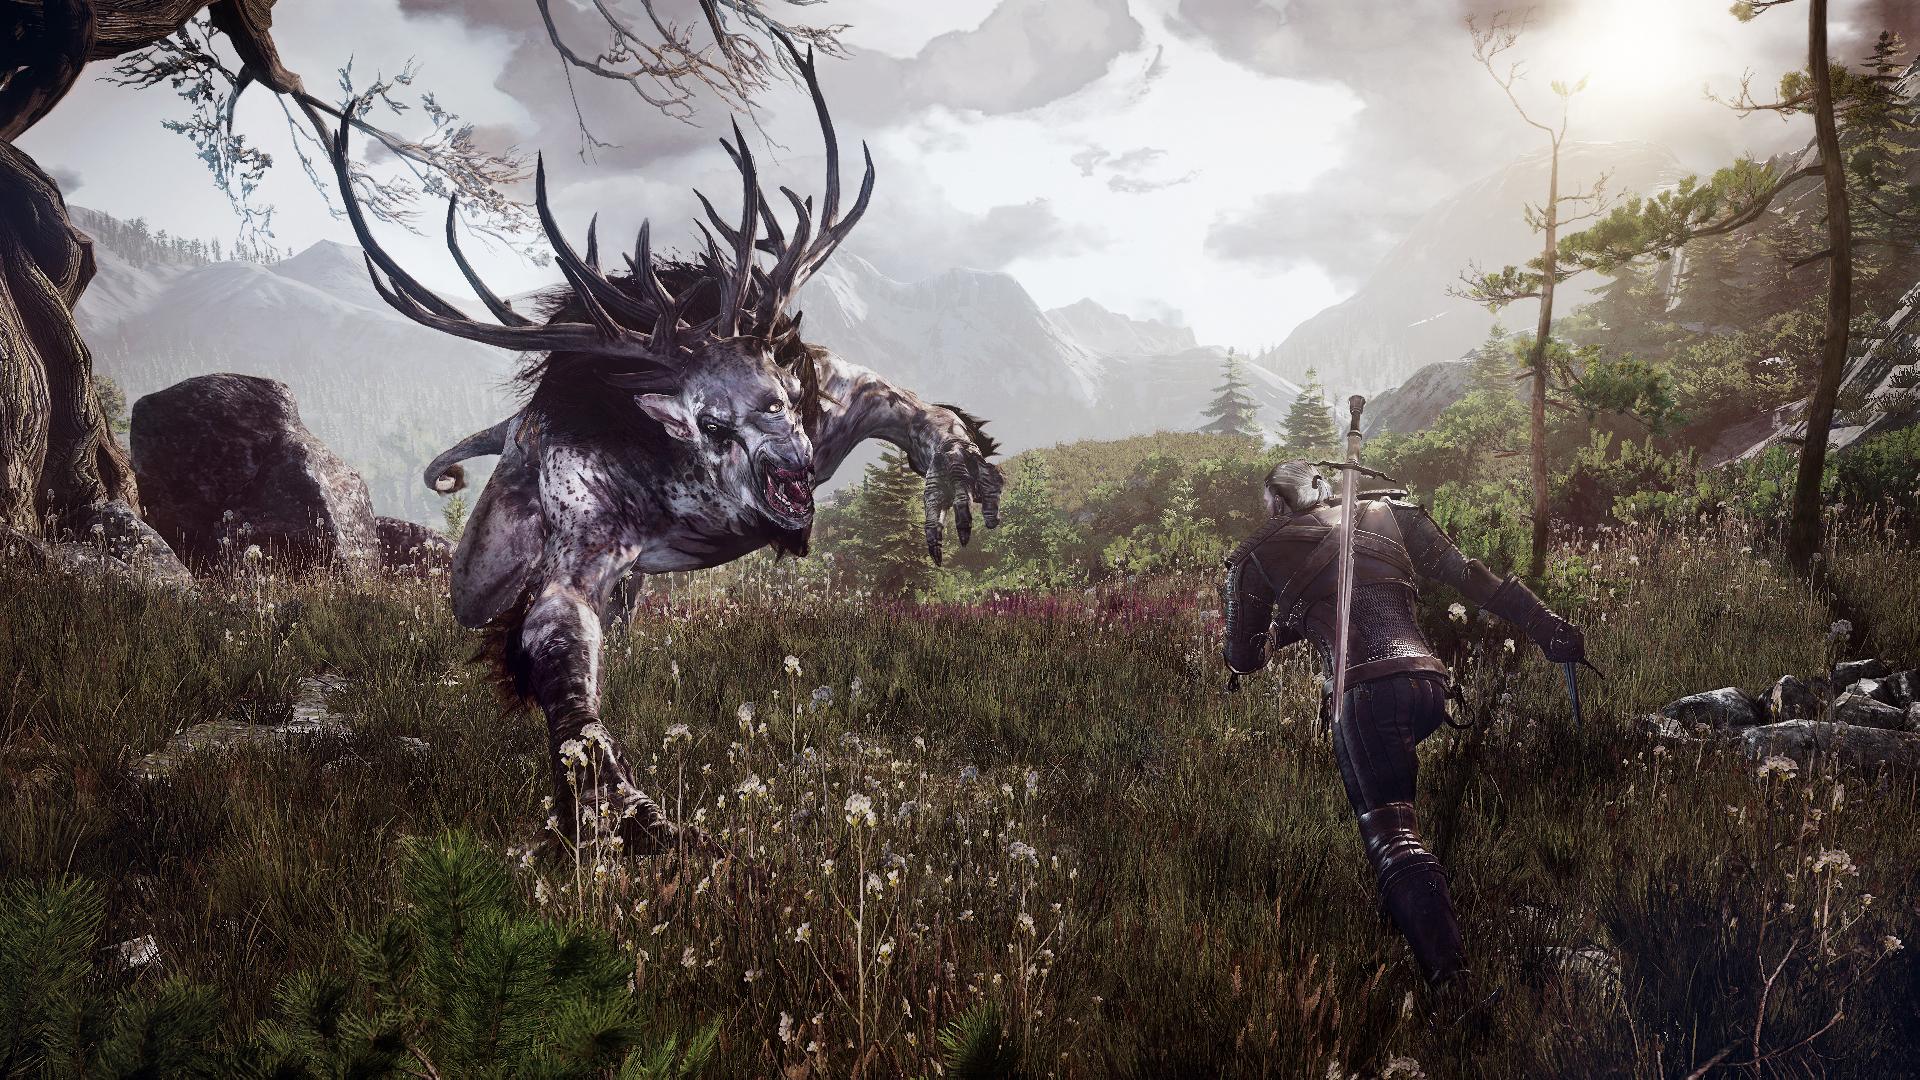 Il meraviglioso mondo di The Witcher 3